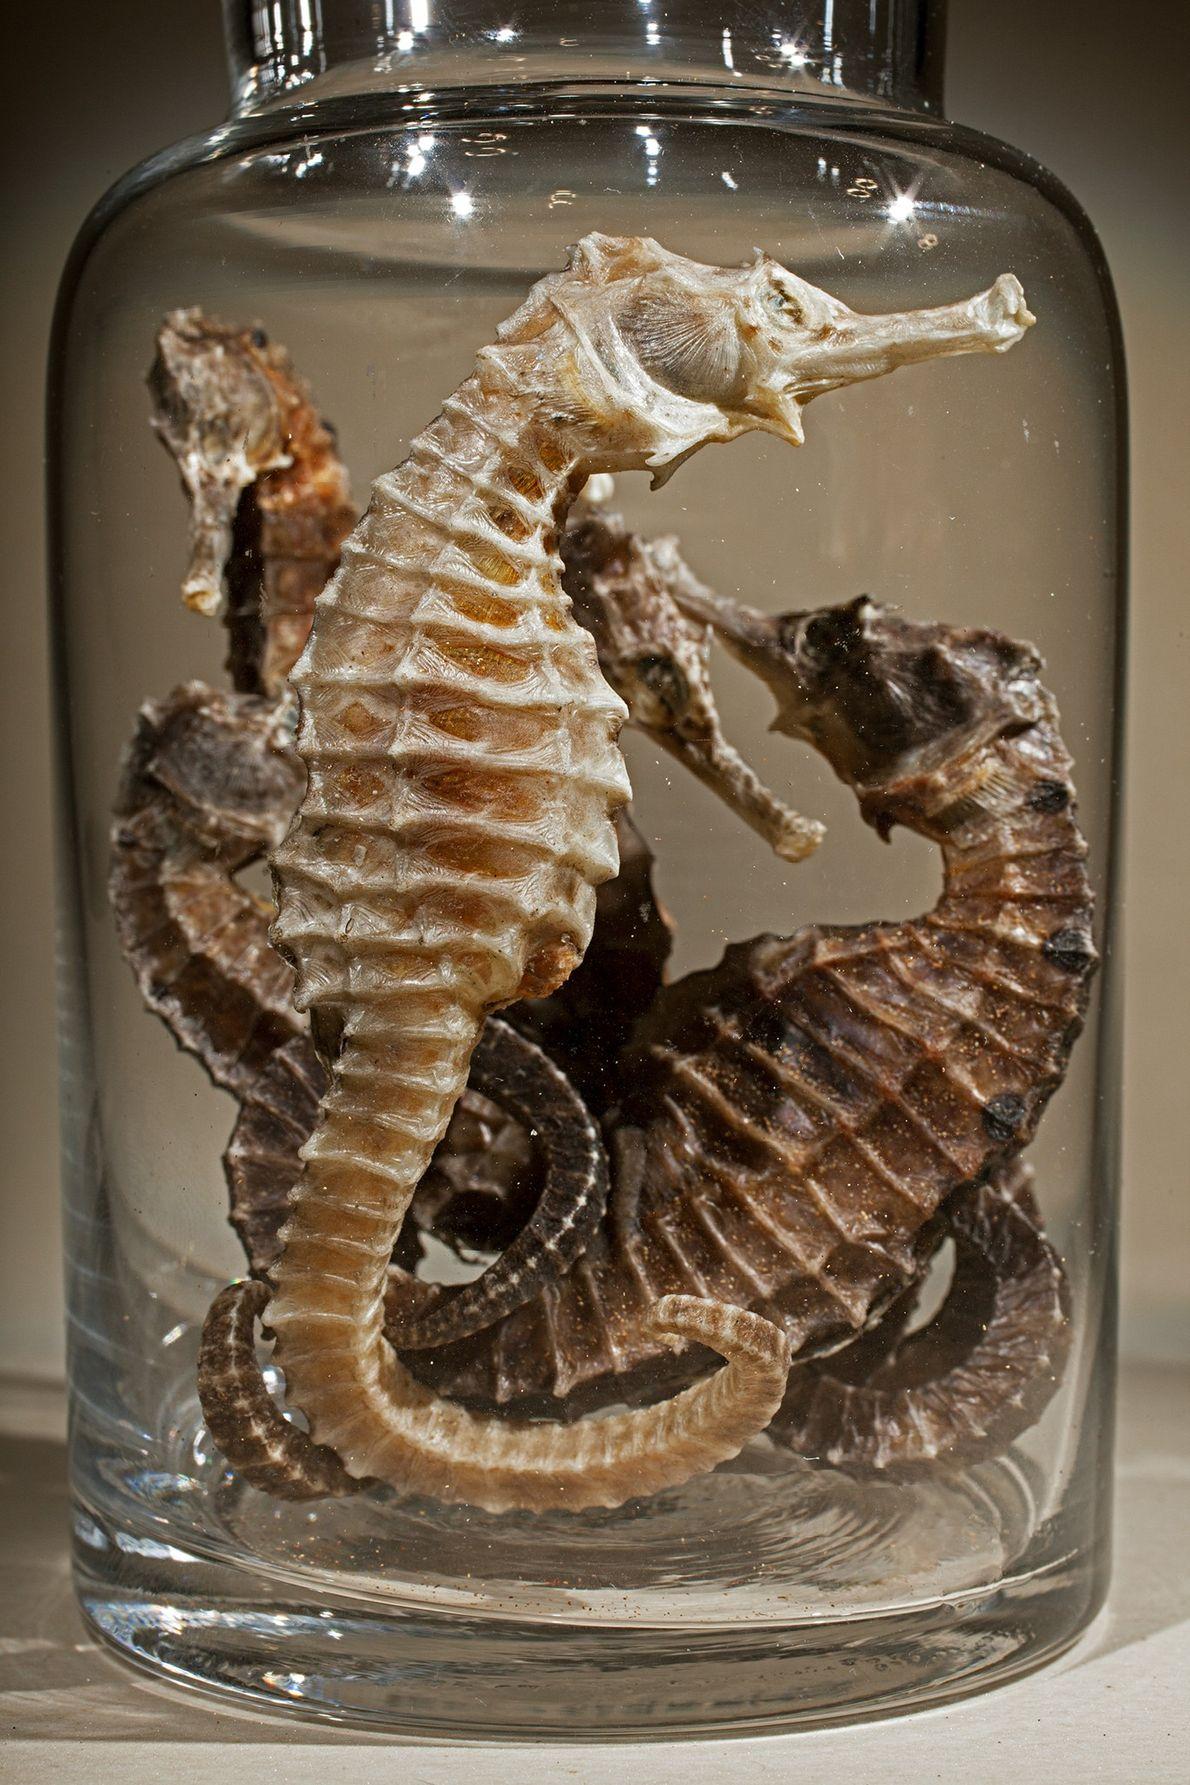 Nombre común: Caballito de mar  Latín: Hippocampus spp.  Chino: Hai ma  Usos: Incontinencia, úlceras